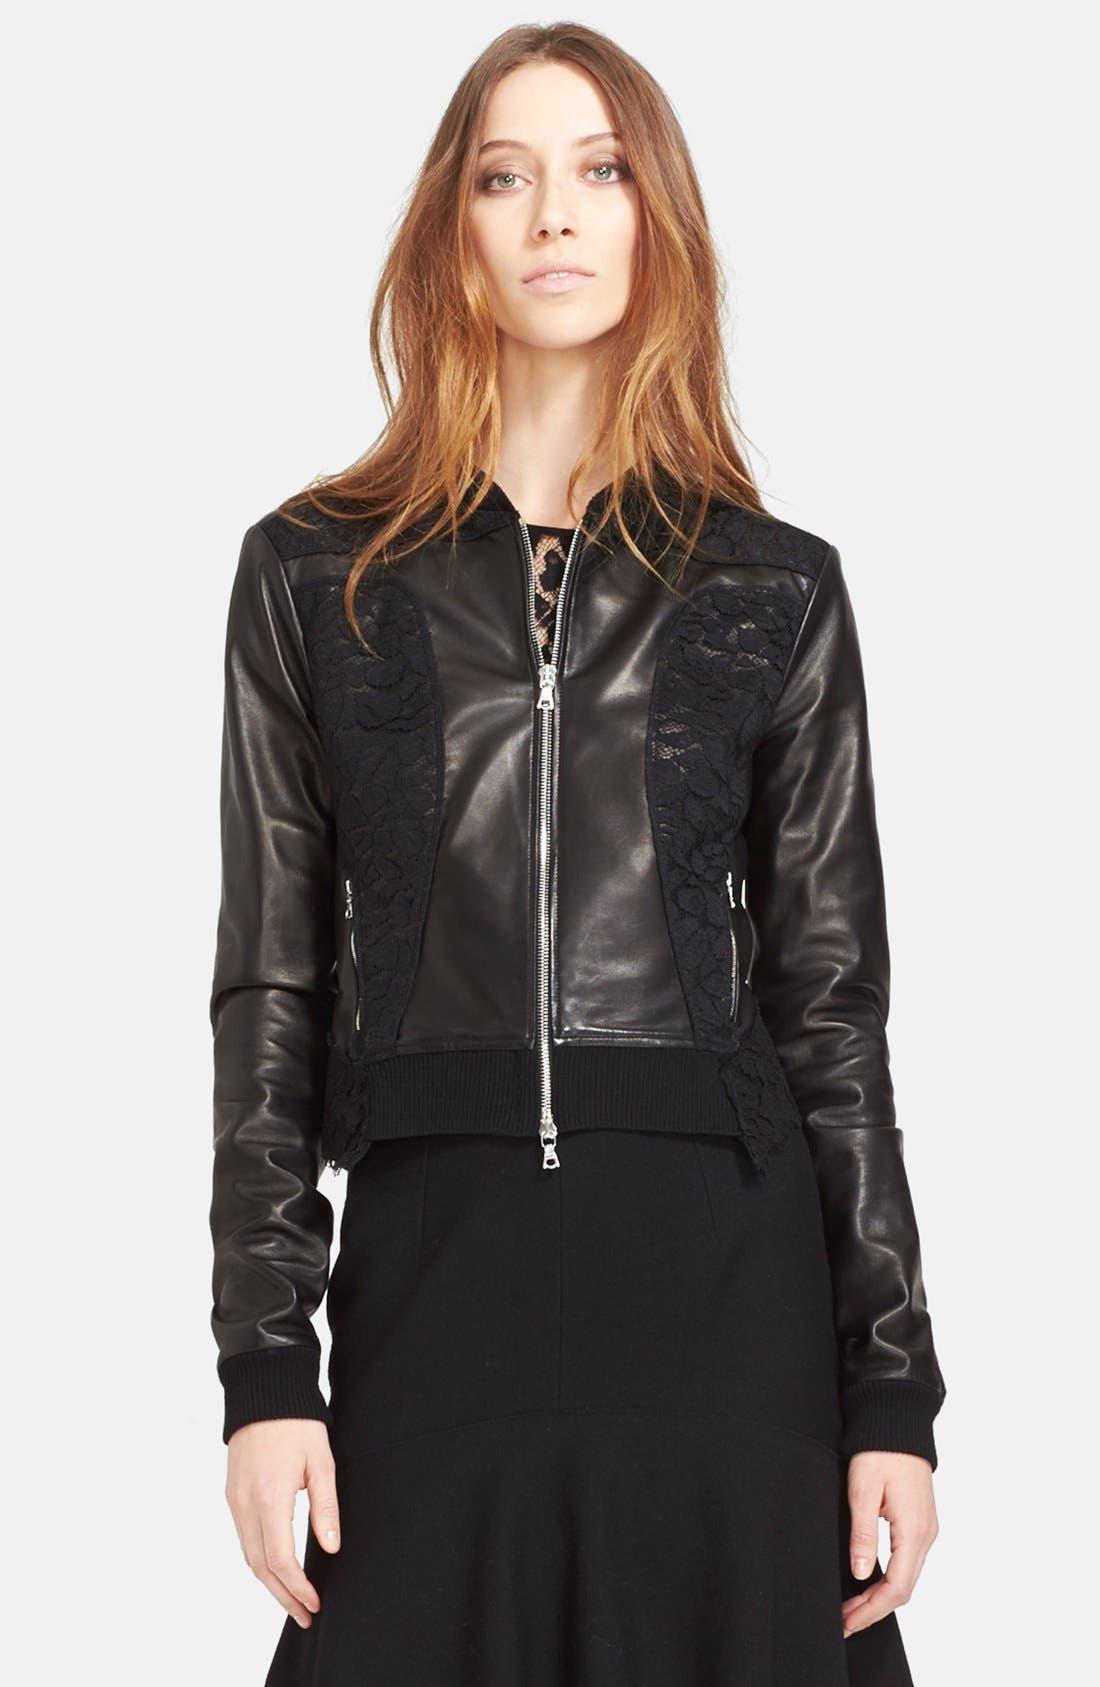 Main Image - Nina Ricci Lace Panel Leather Bomber Jacket